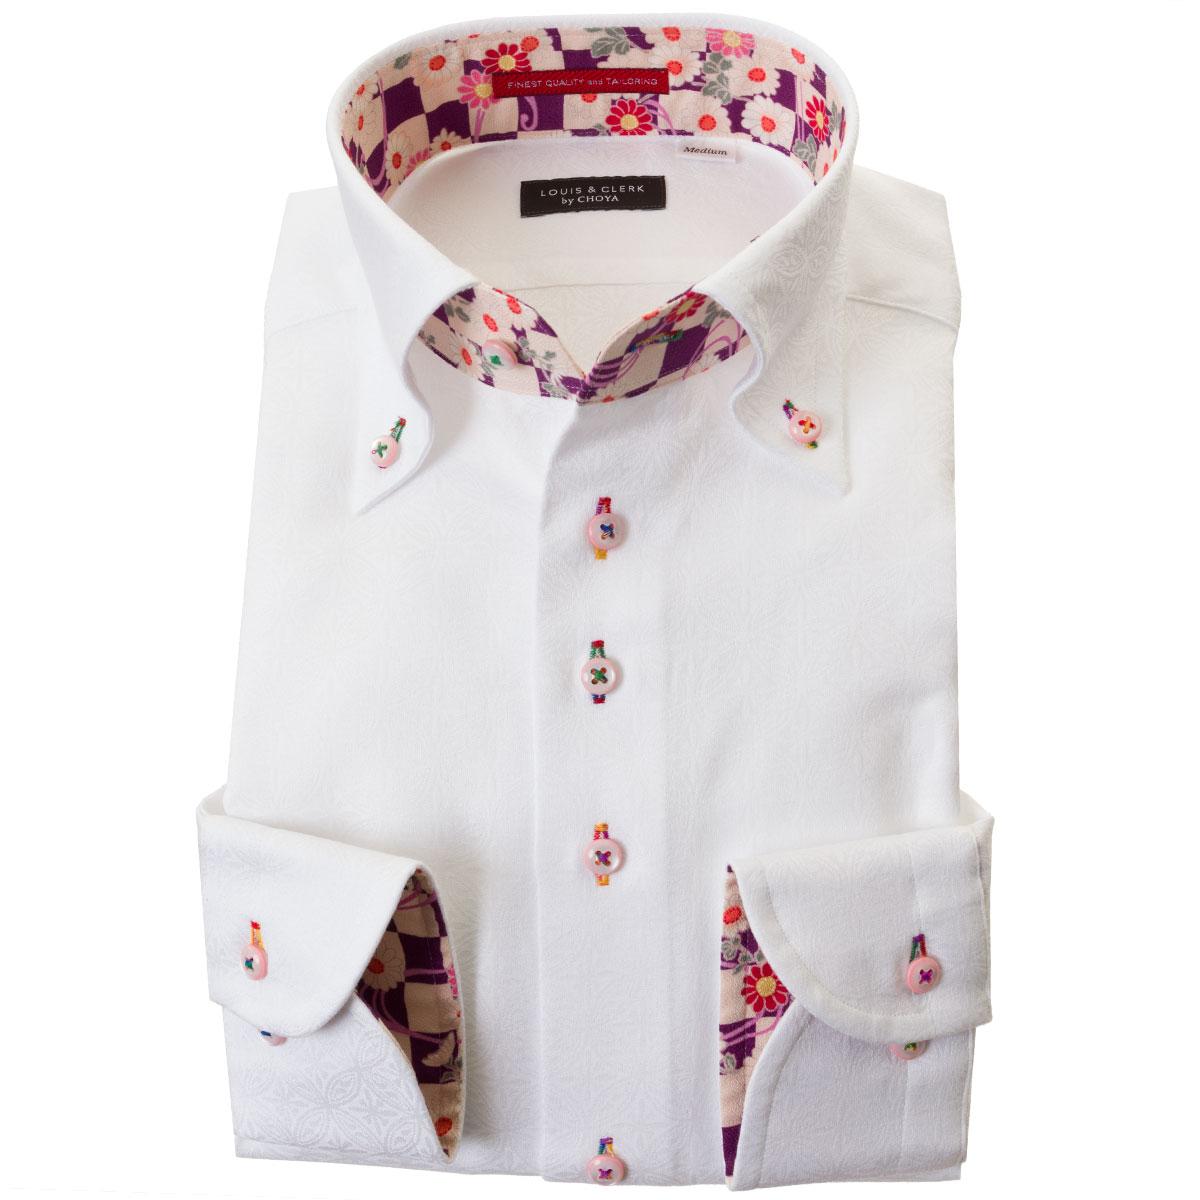 ドレスシャツ ワイシャツ シャツ メンズ 国産 長袖 綿100% 胸ポケット無 コンフォート ボタンダウン ホワイト ジャガード織柄 七宝繋ぎ 七宝文様 毬